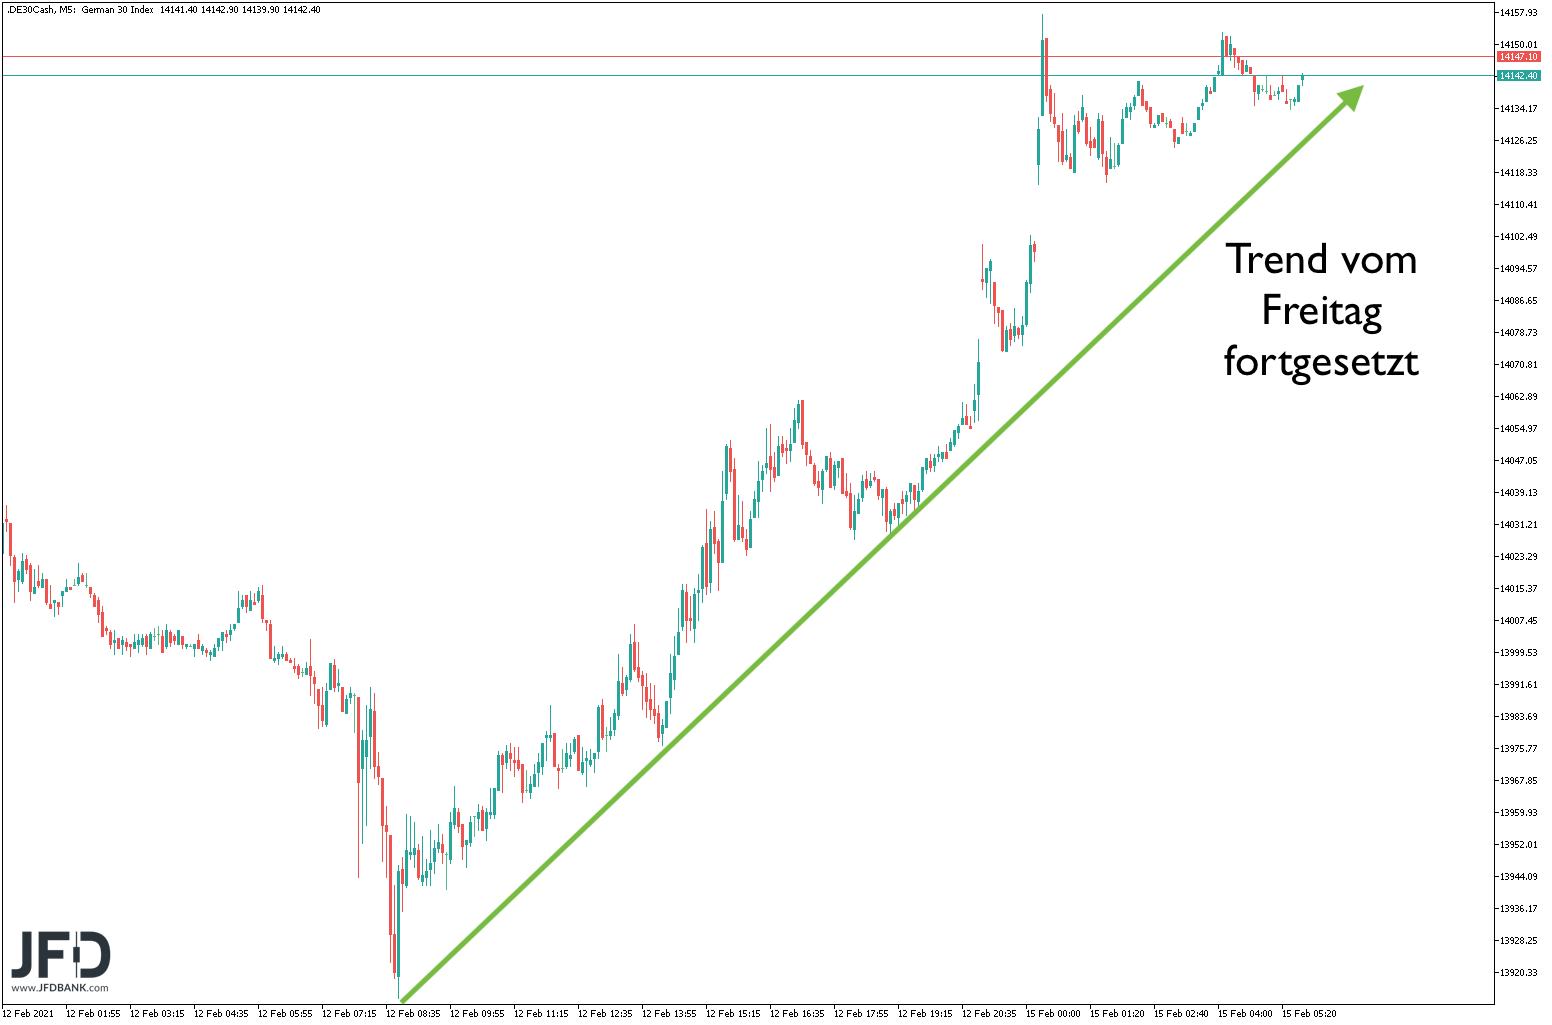 DAX-Trend in Vorbörse intakt